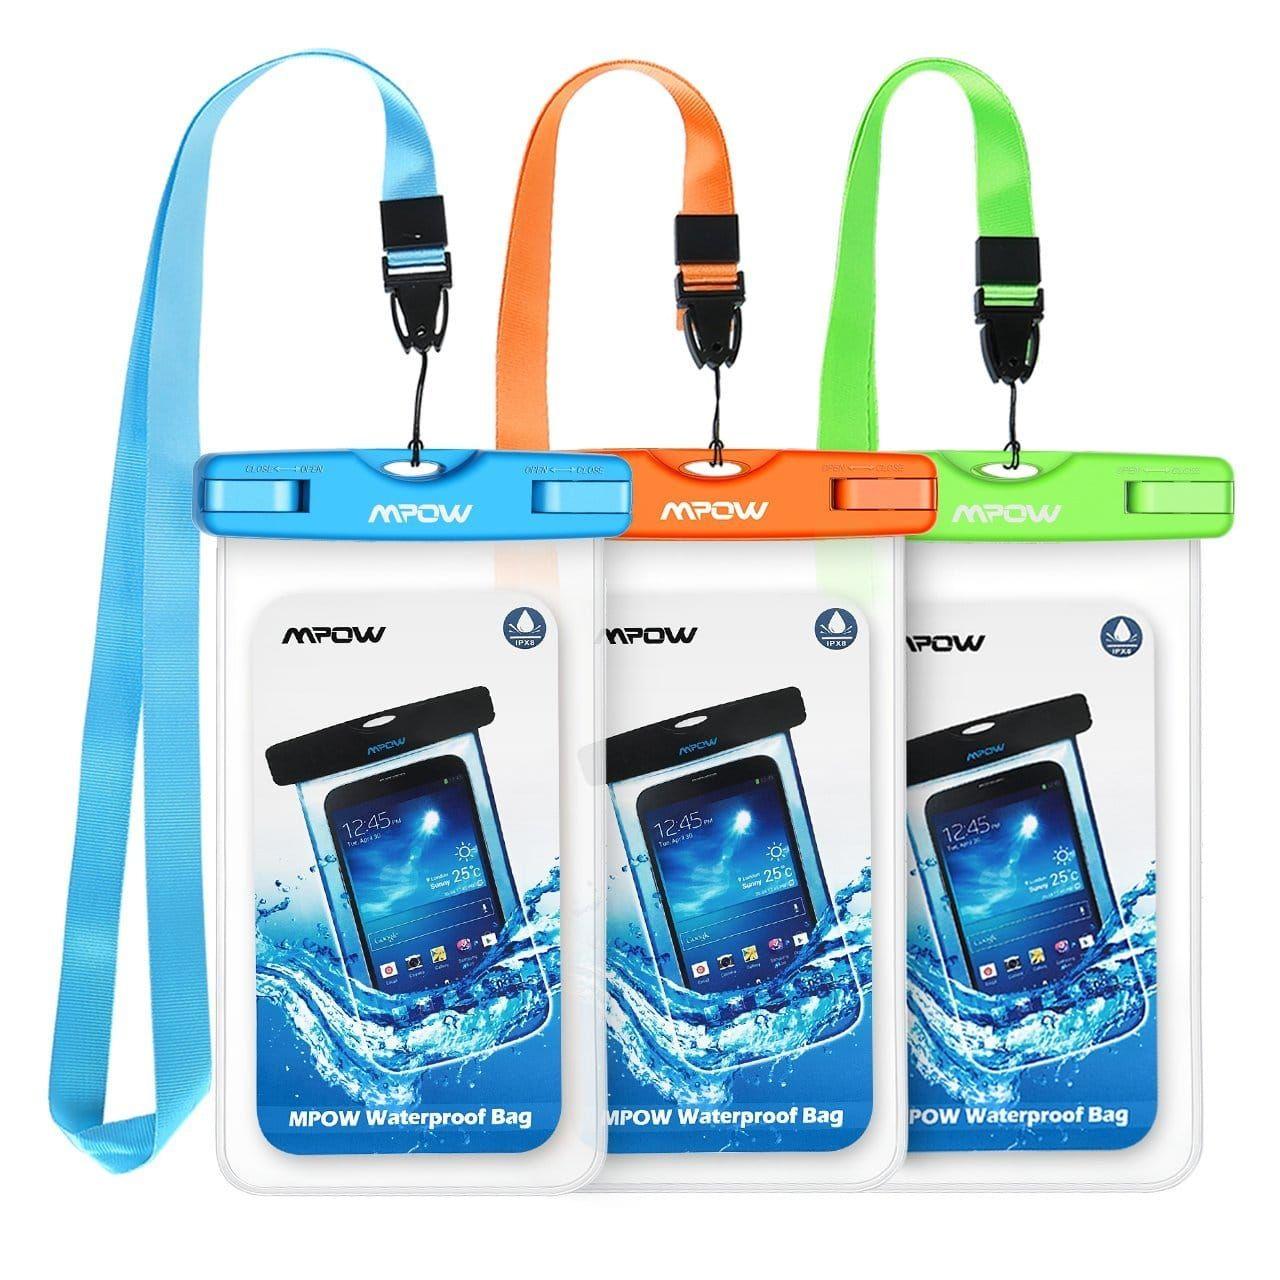 Top 10 Best Waterproof Phone Cases in 2020 Waterproof